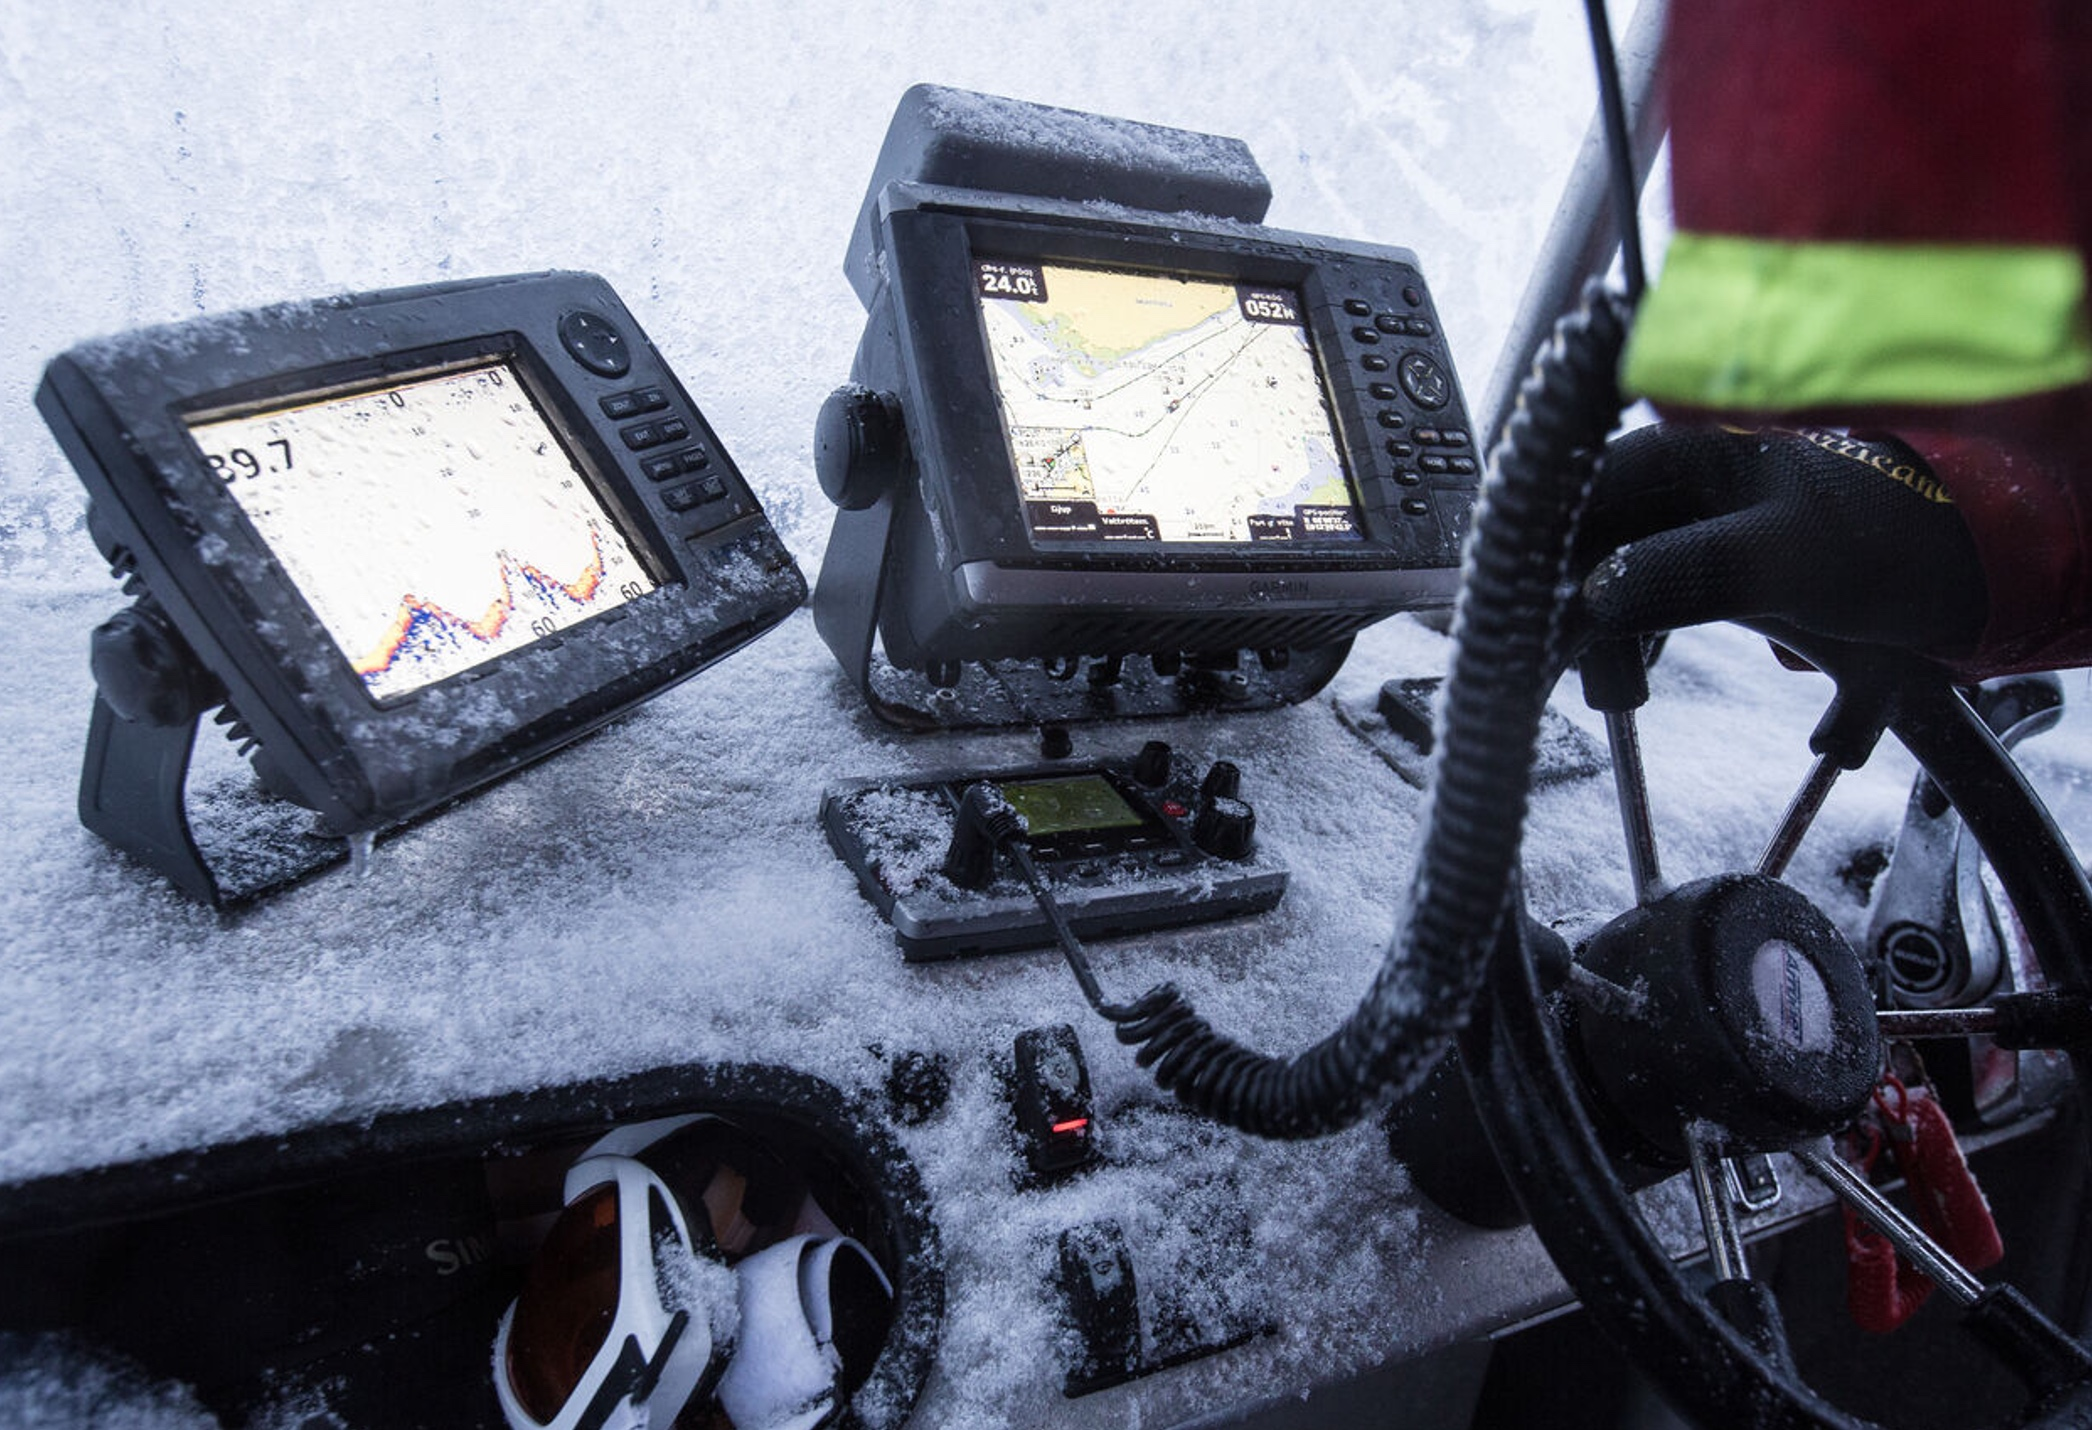 Eis und Schnee überziehen das Boot, das gehört beim Skrei dazu – und auch ein gutes Echolot! Den der Kreis zieht umher und muss gefunden werden.